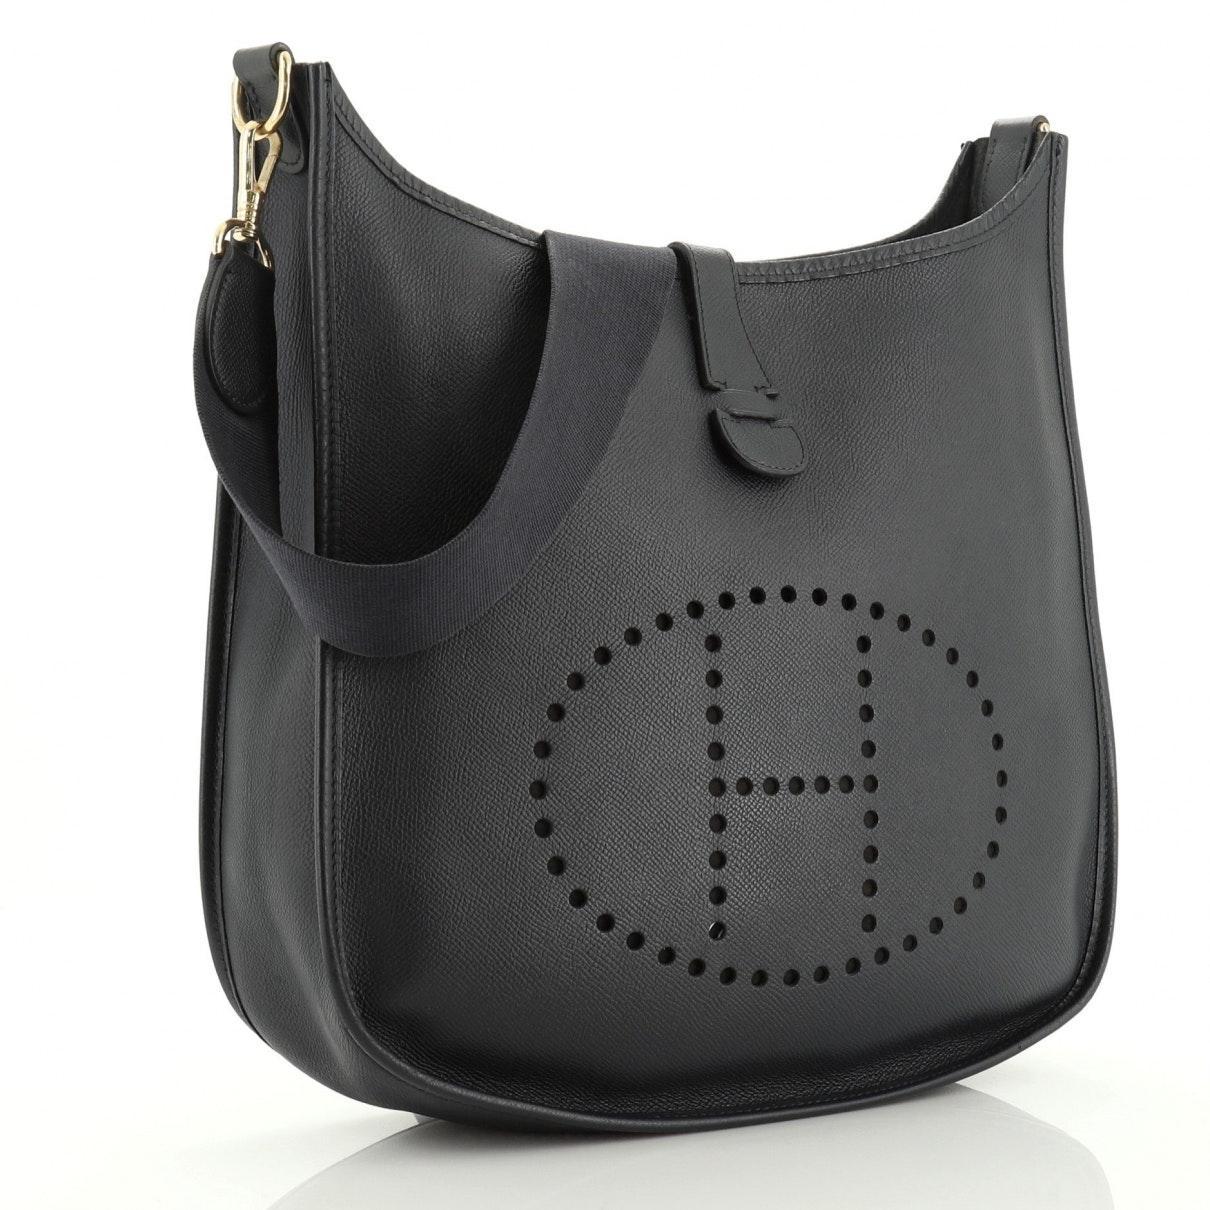 Hermès Leinen Handtaschen in Blau i8sNJ